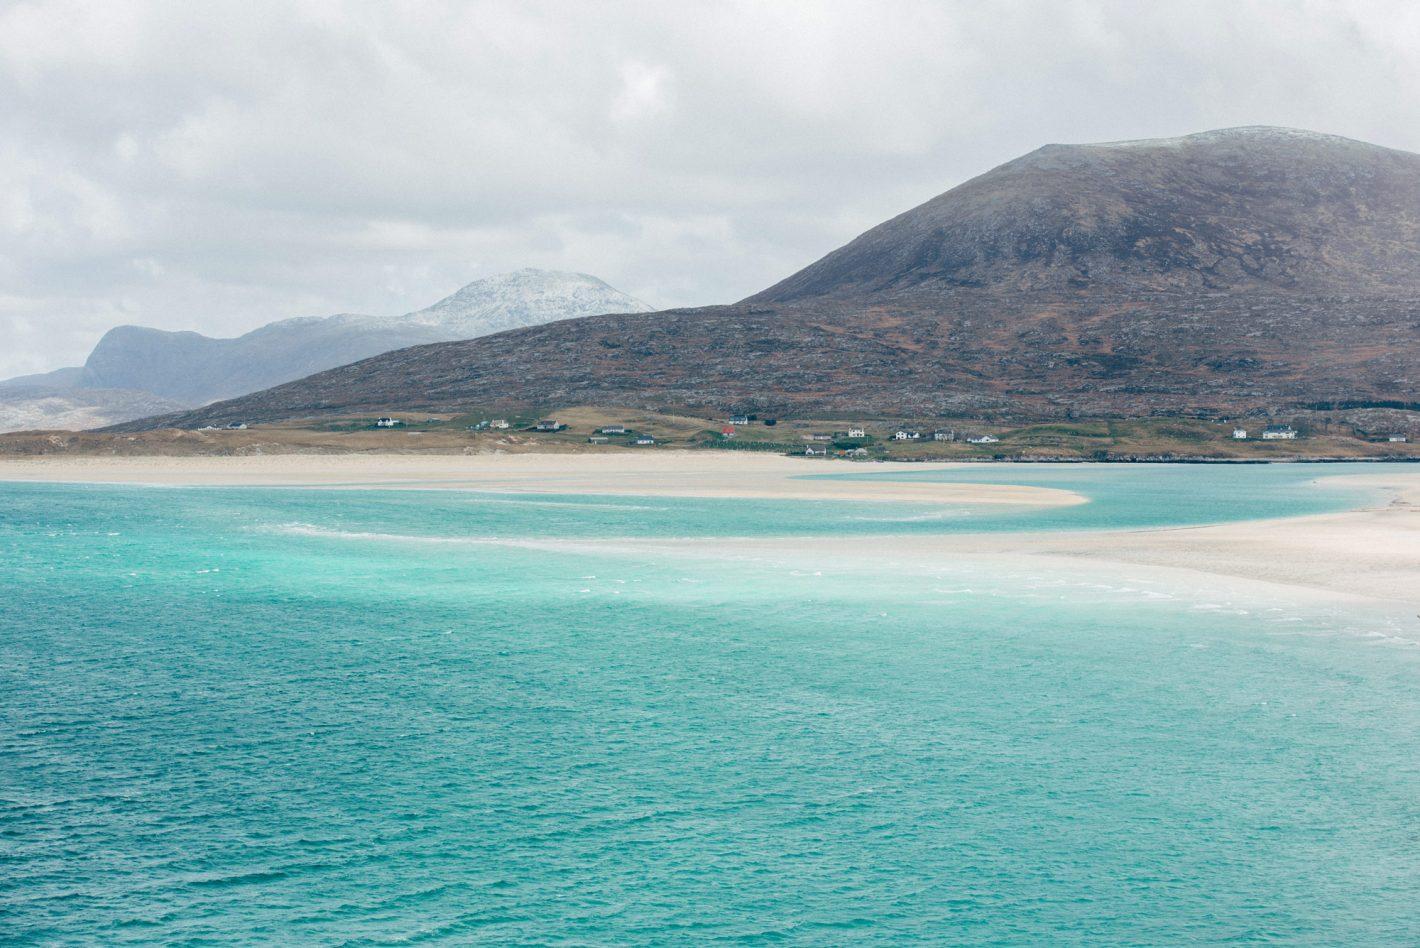 Ecosse Luskentyre beach